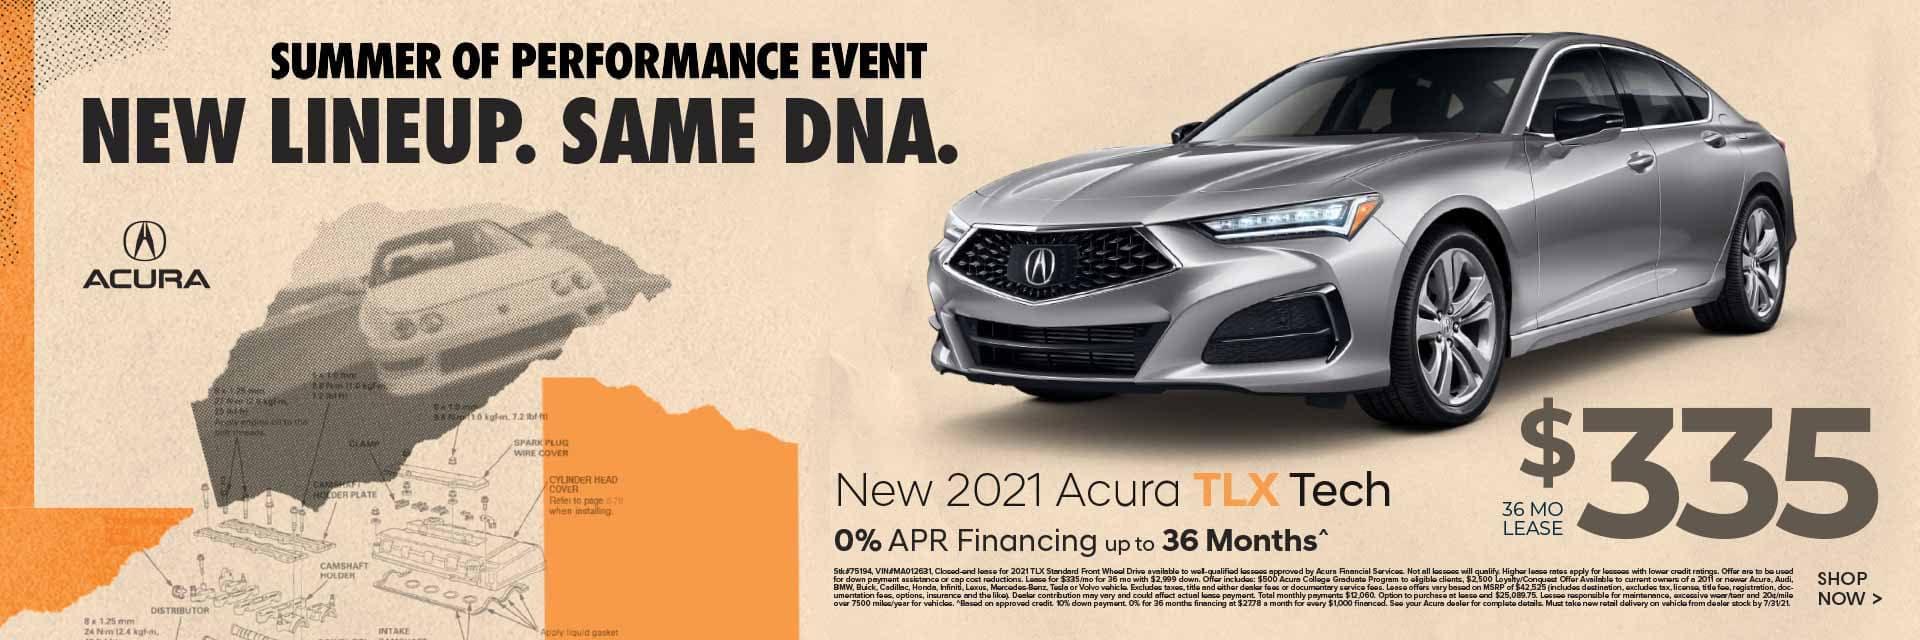 BRIA-20210712-TLX-Tech